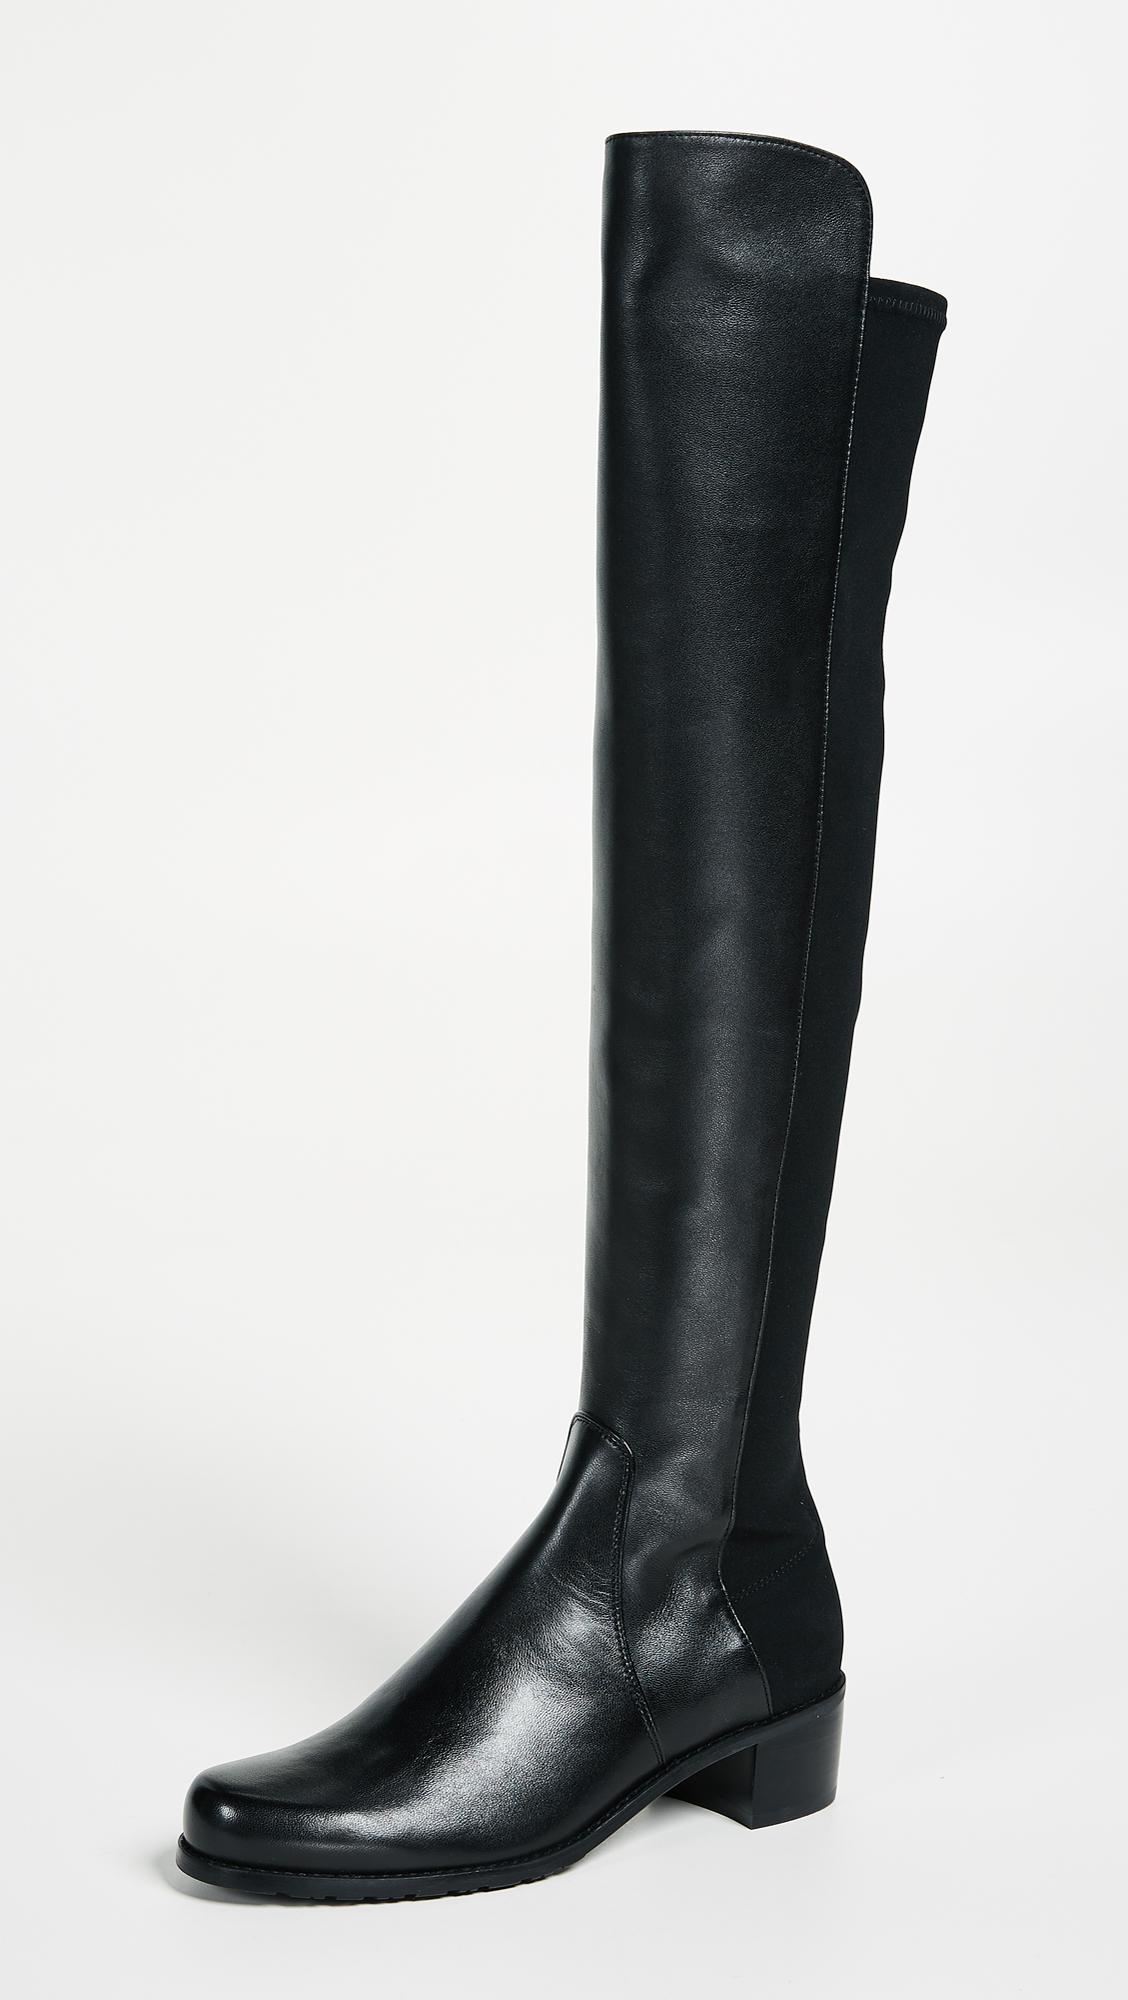 0f621a5333b Stuart Weitzman. Reserve Tall Boots